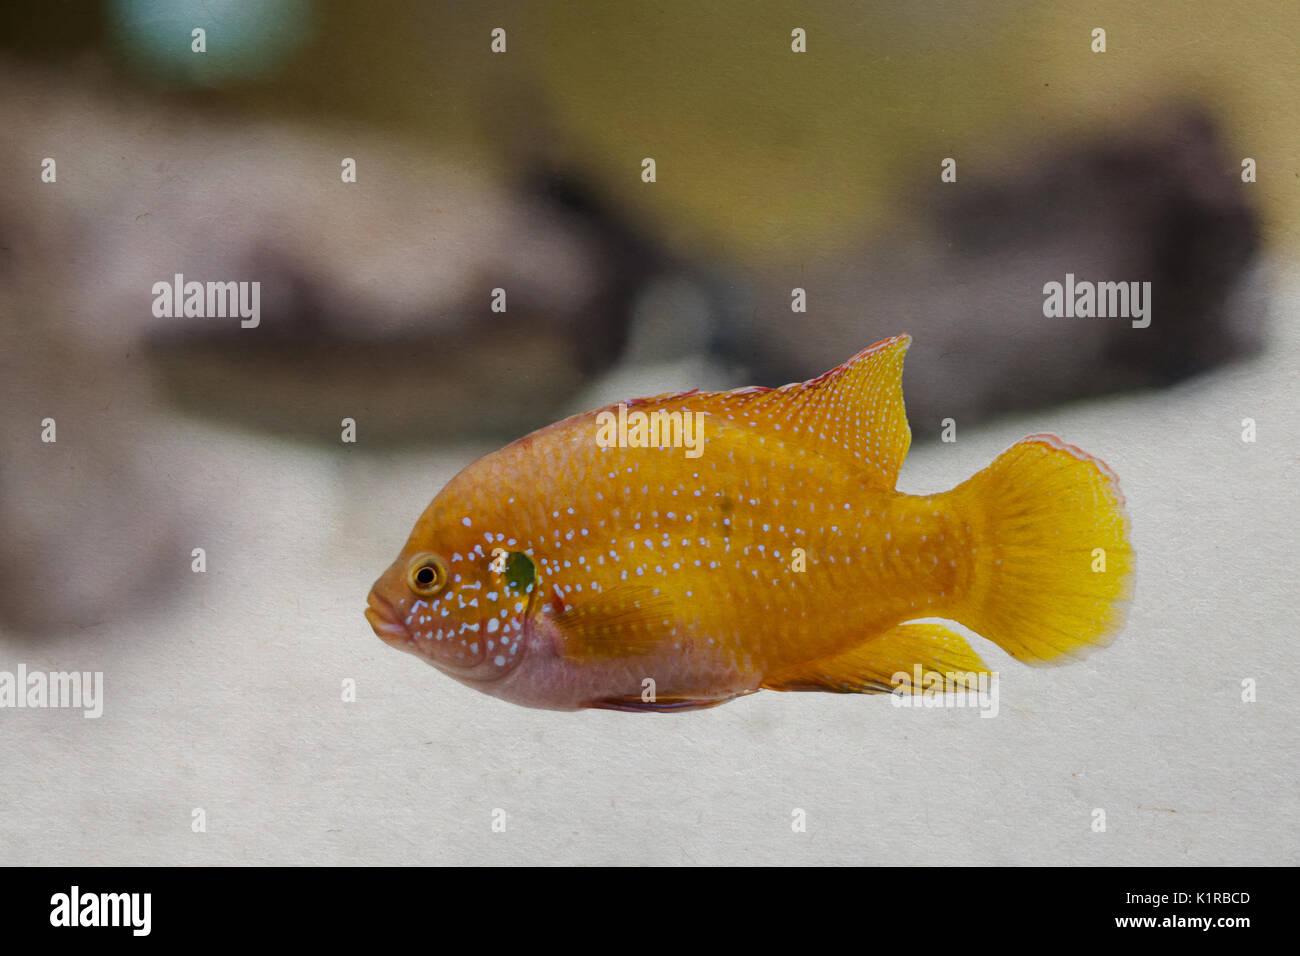 Ausgezeichnet Fische Färben Druckbare Seiten Fotos ...